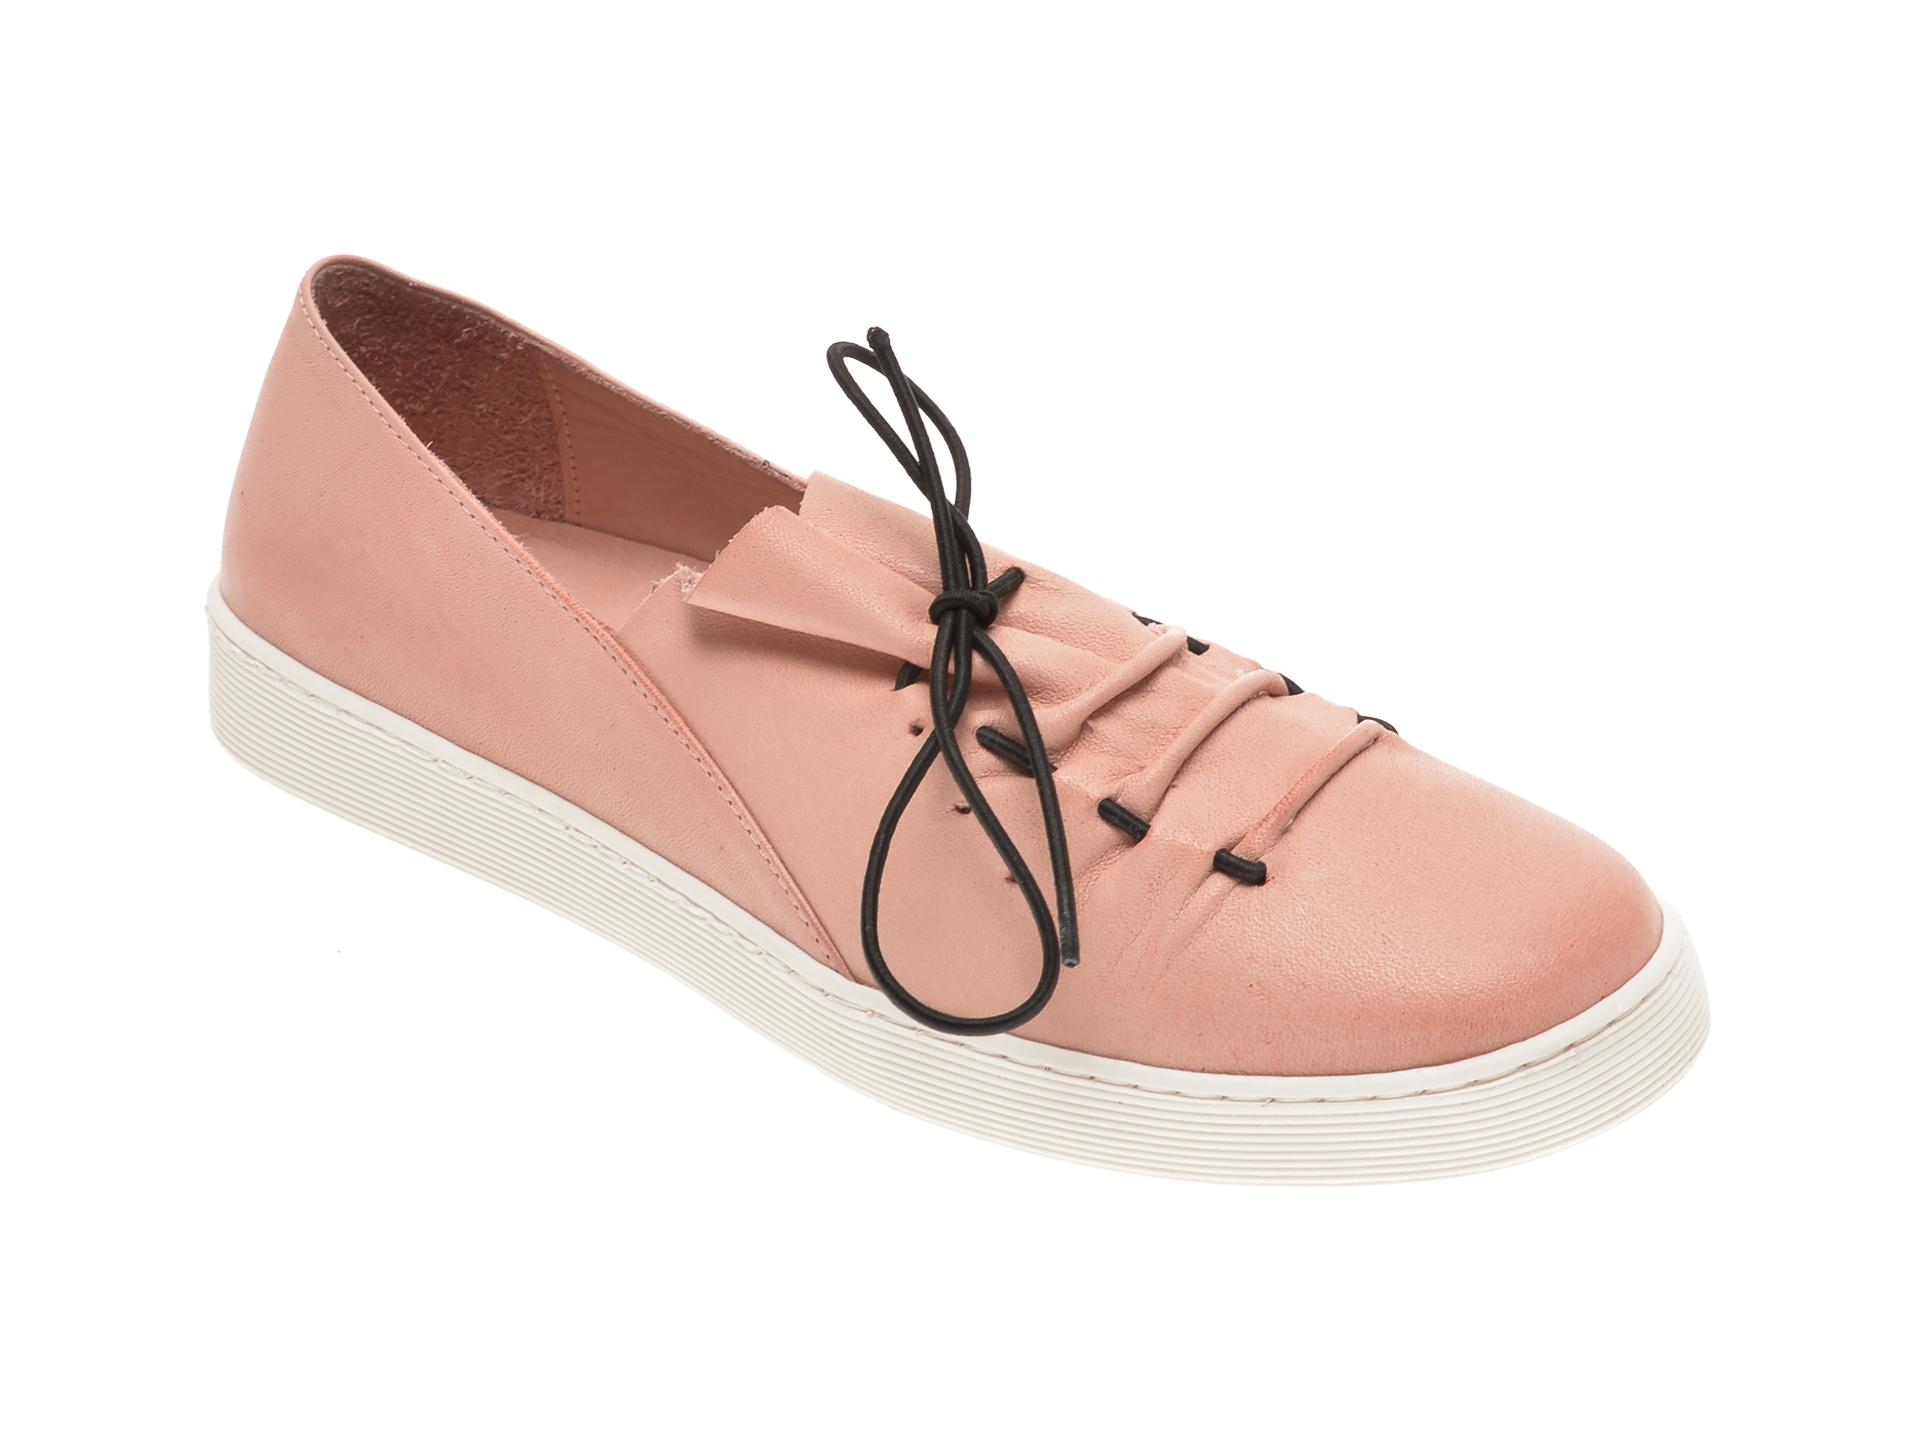 Pantofi BABOOS roz, R09, din piele naturala